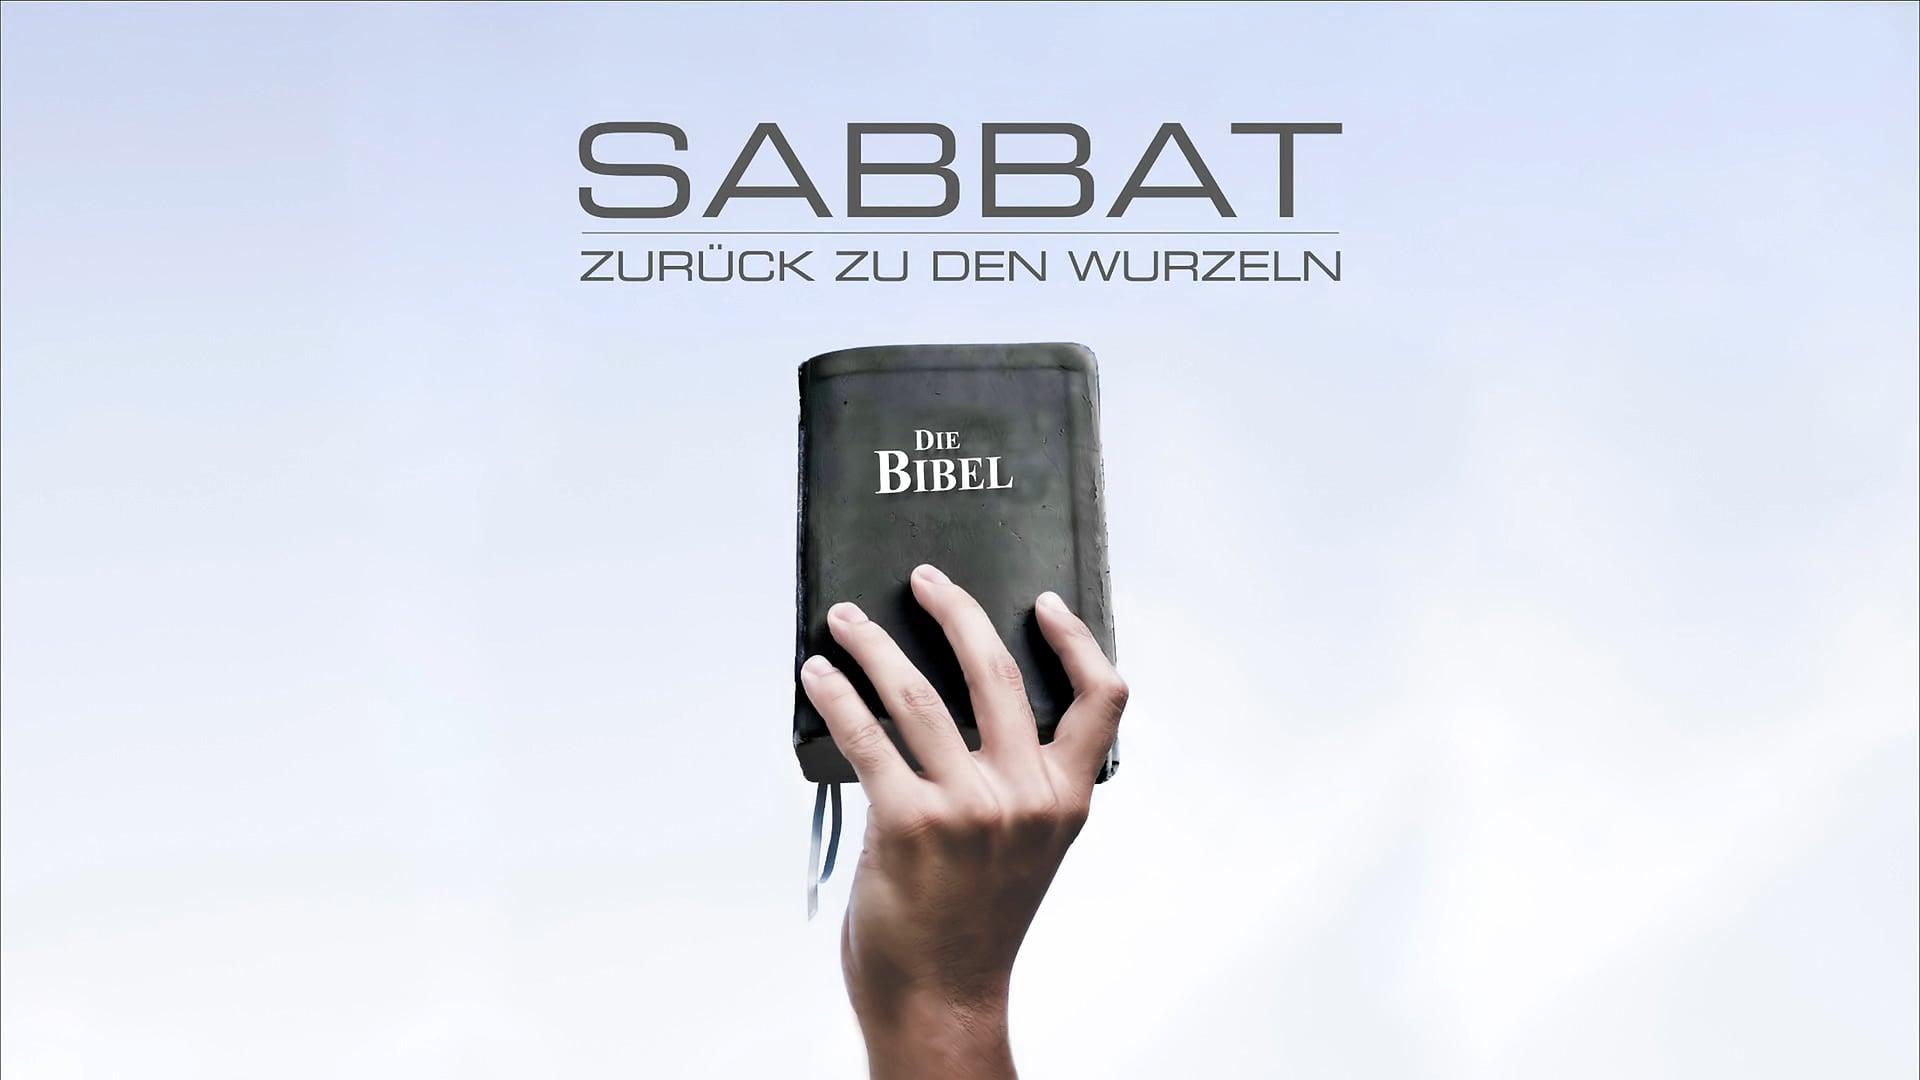 GEHORCHE! Von der Entscheidung für den wahren Sabbat. (SABBAT 3)